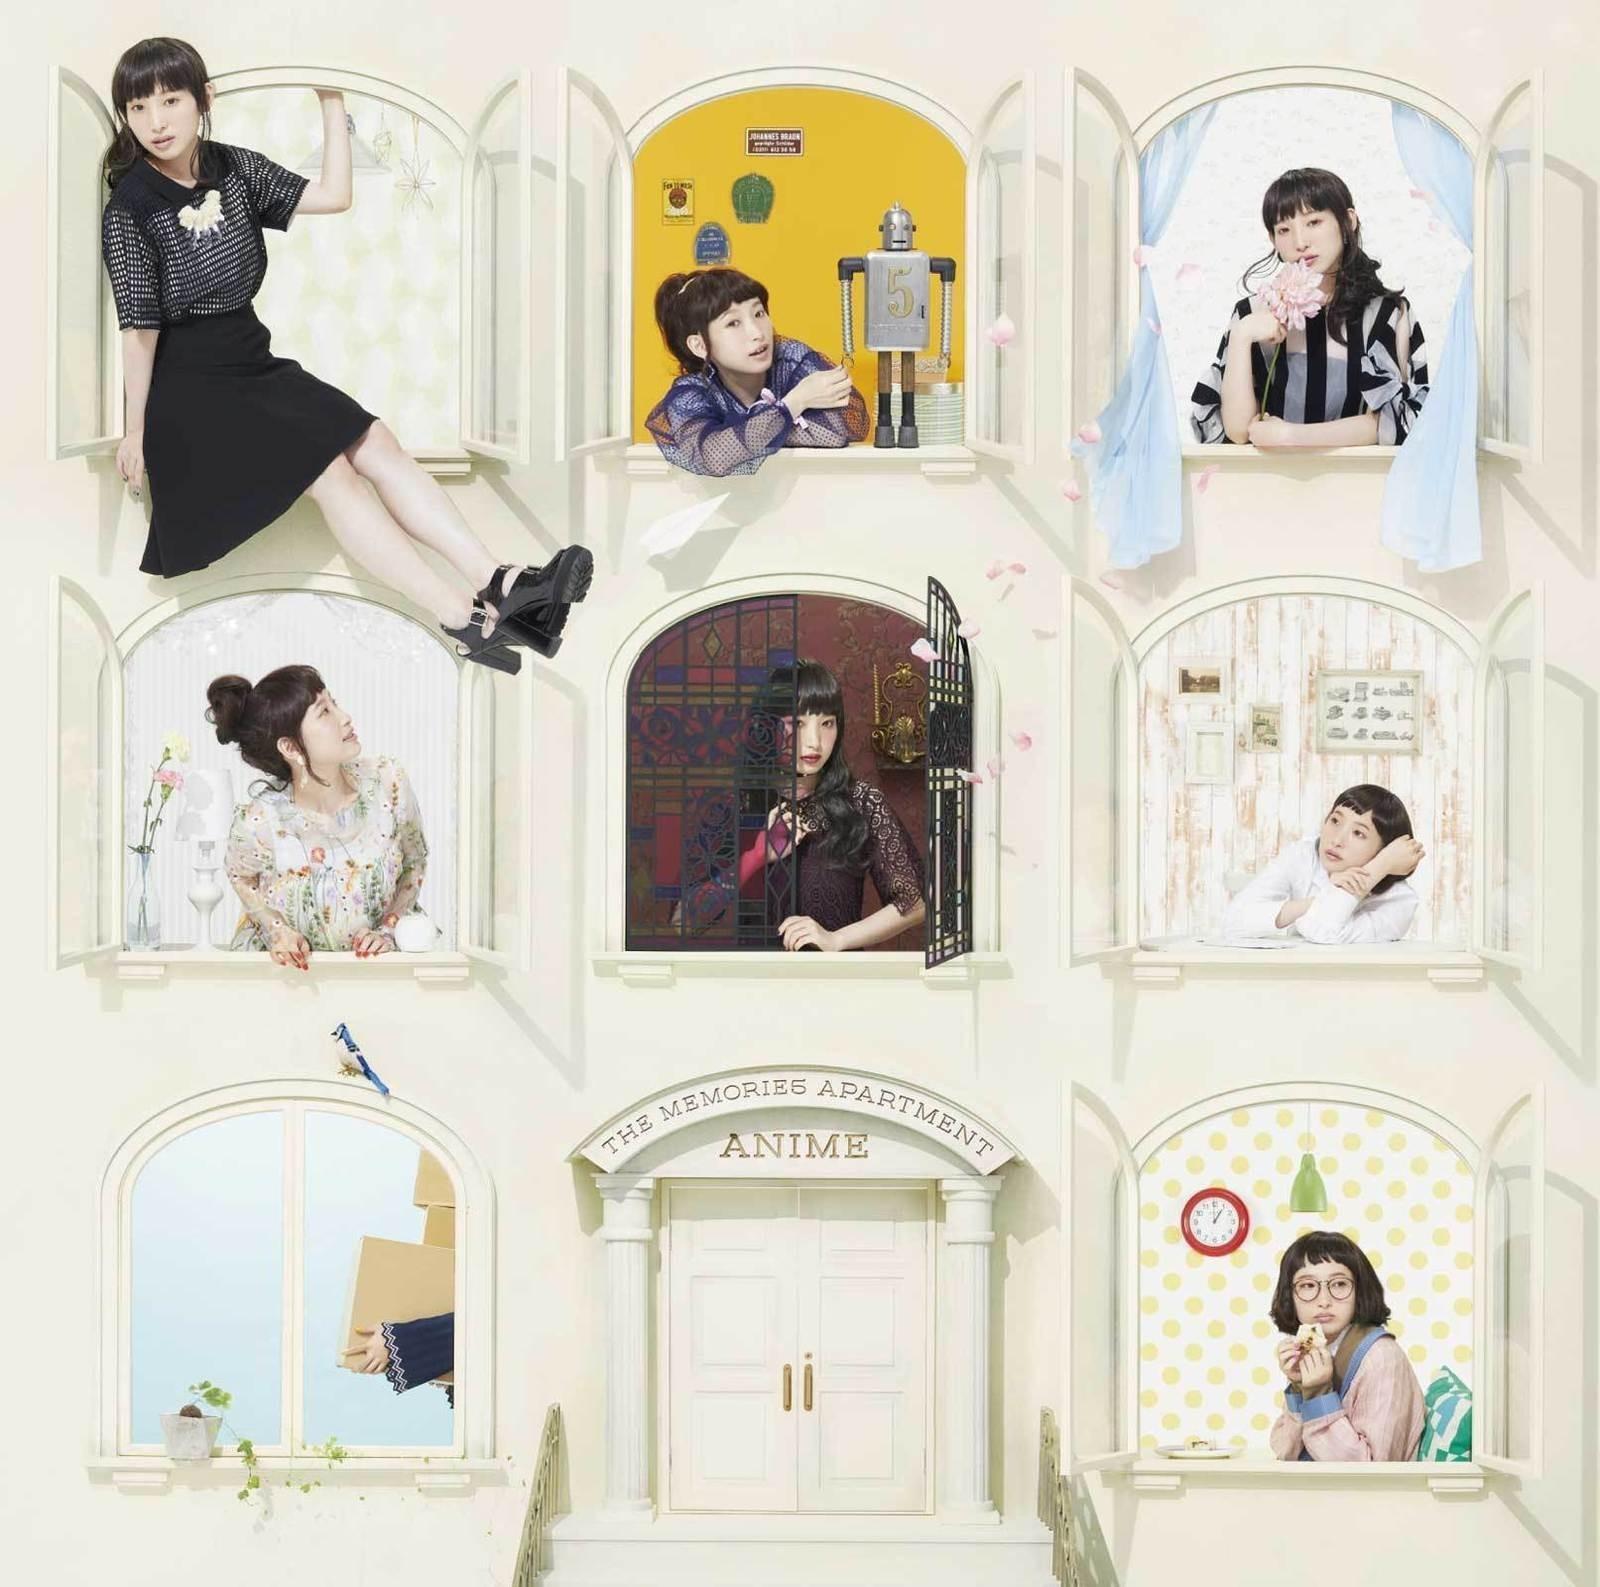 南條愛乃 (Yoshino Nanjo) – 南條愛乃 ベストアルバム THE MEMORIES APARTMENT – Anime –  [Mora FLAC 24bit/48kHz]